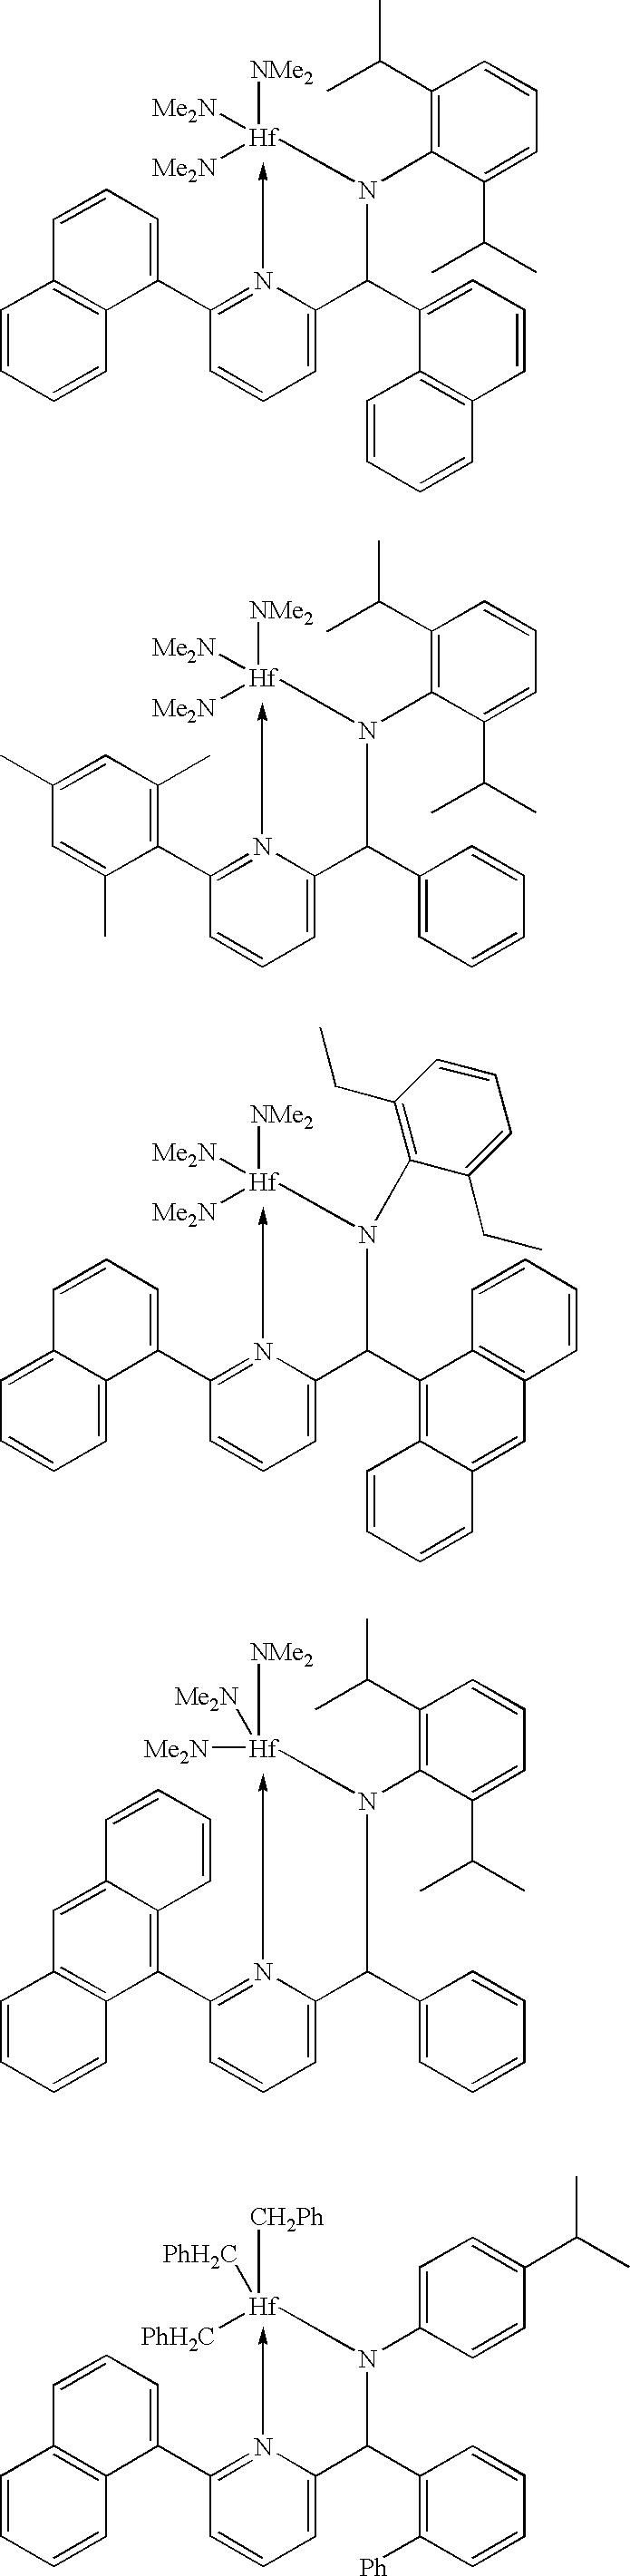 Figure US06900321-20050531-C00066